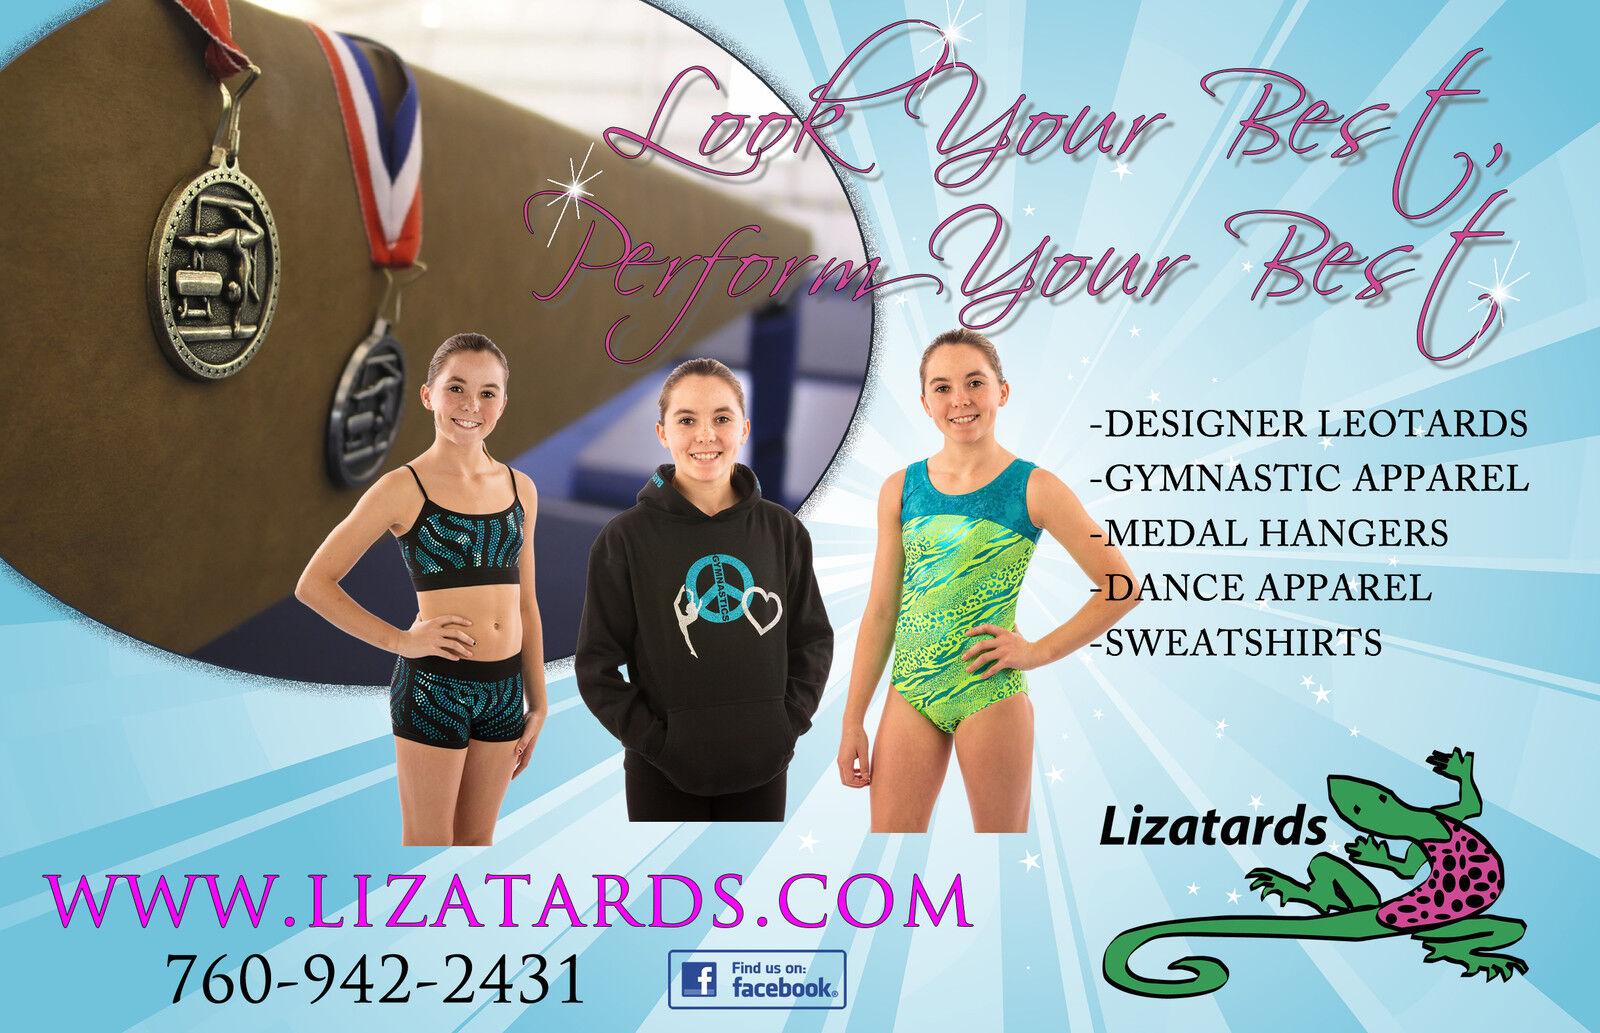 Lizatards GymnasticsDanceApparel